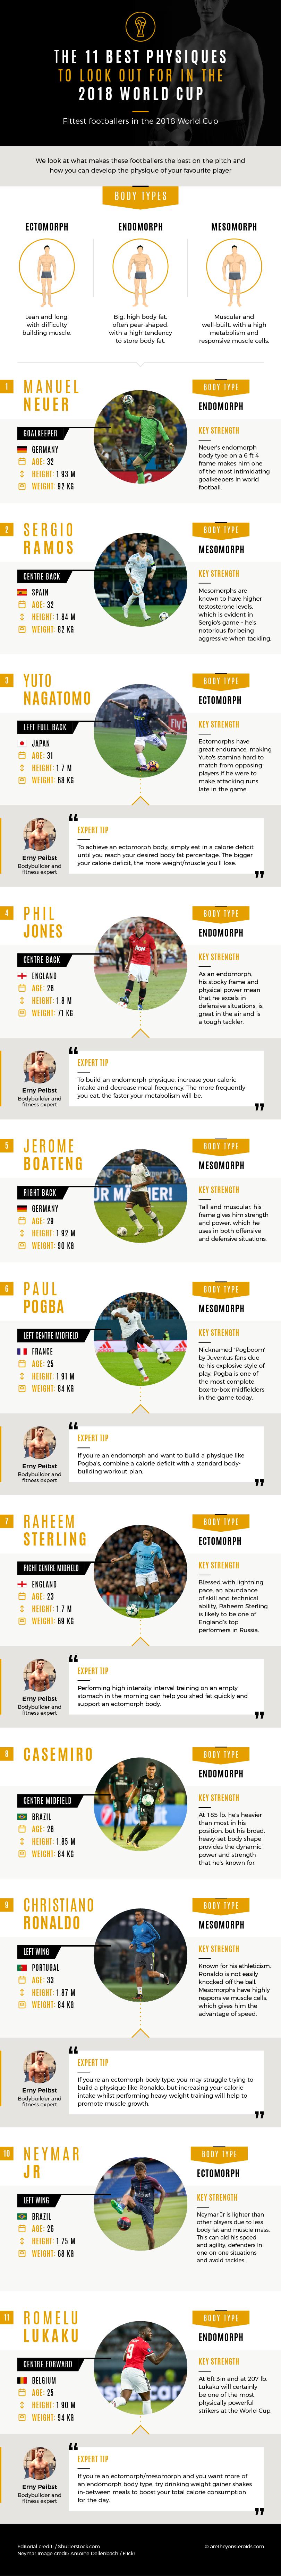 Corps de la Coupe du monde